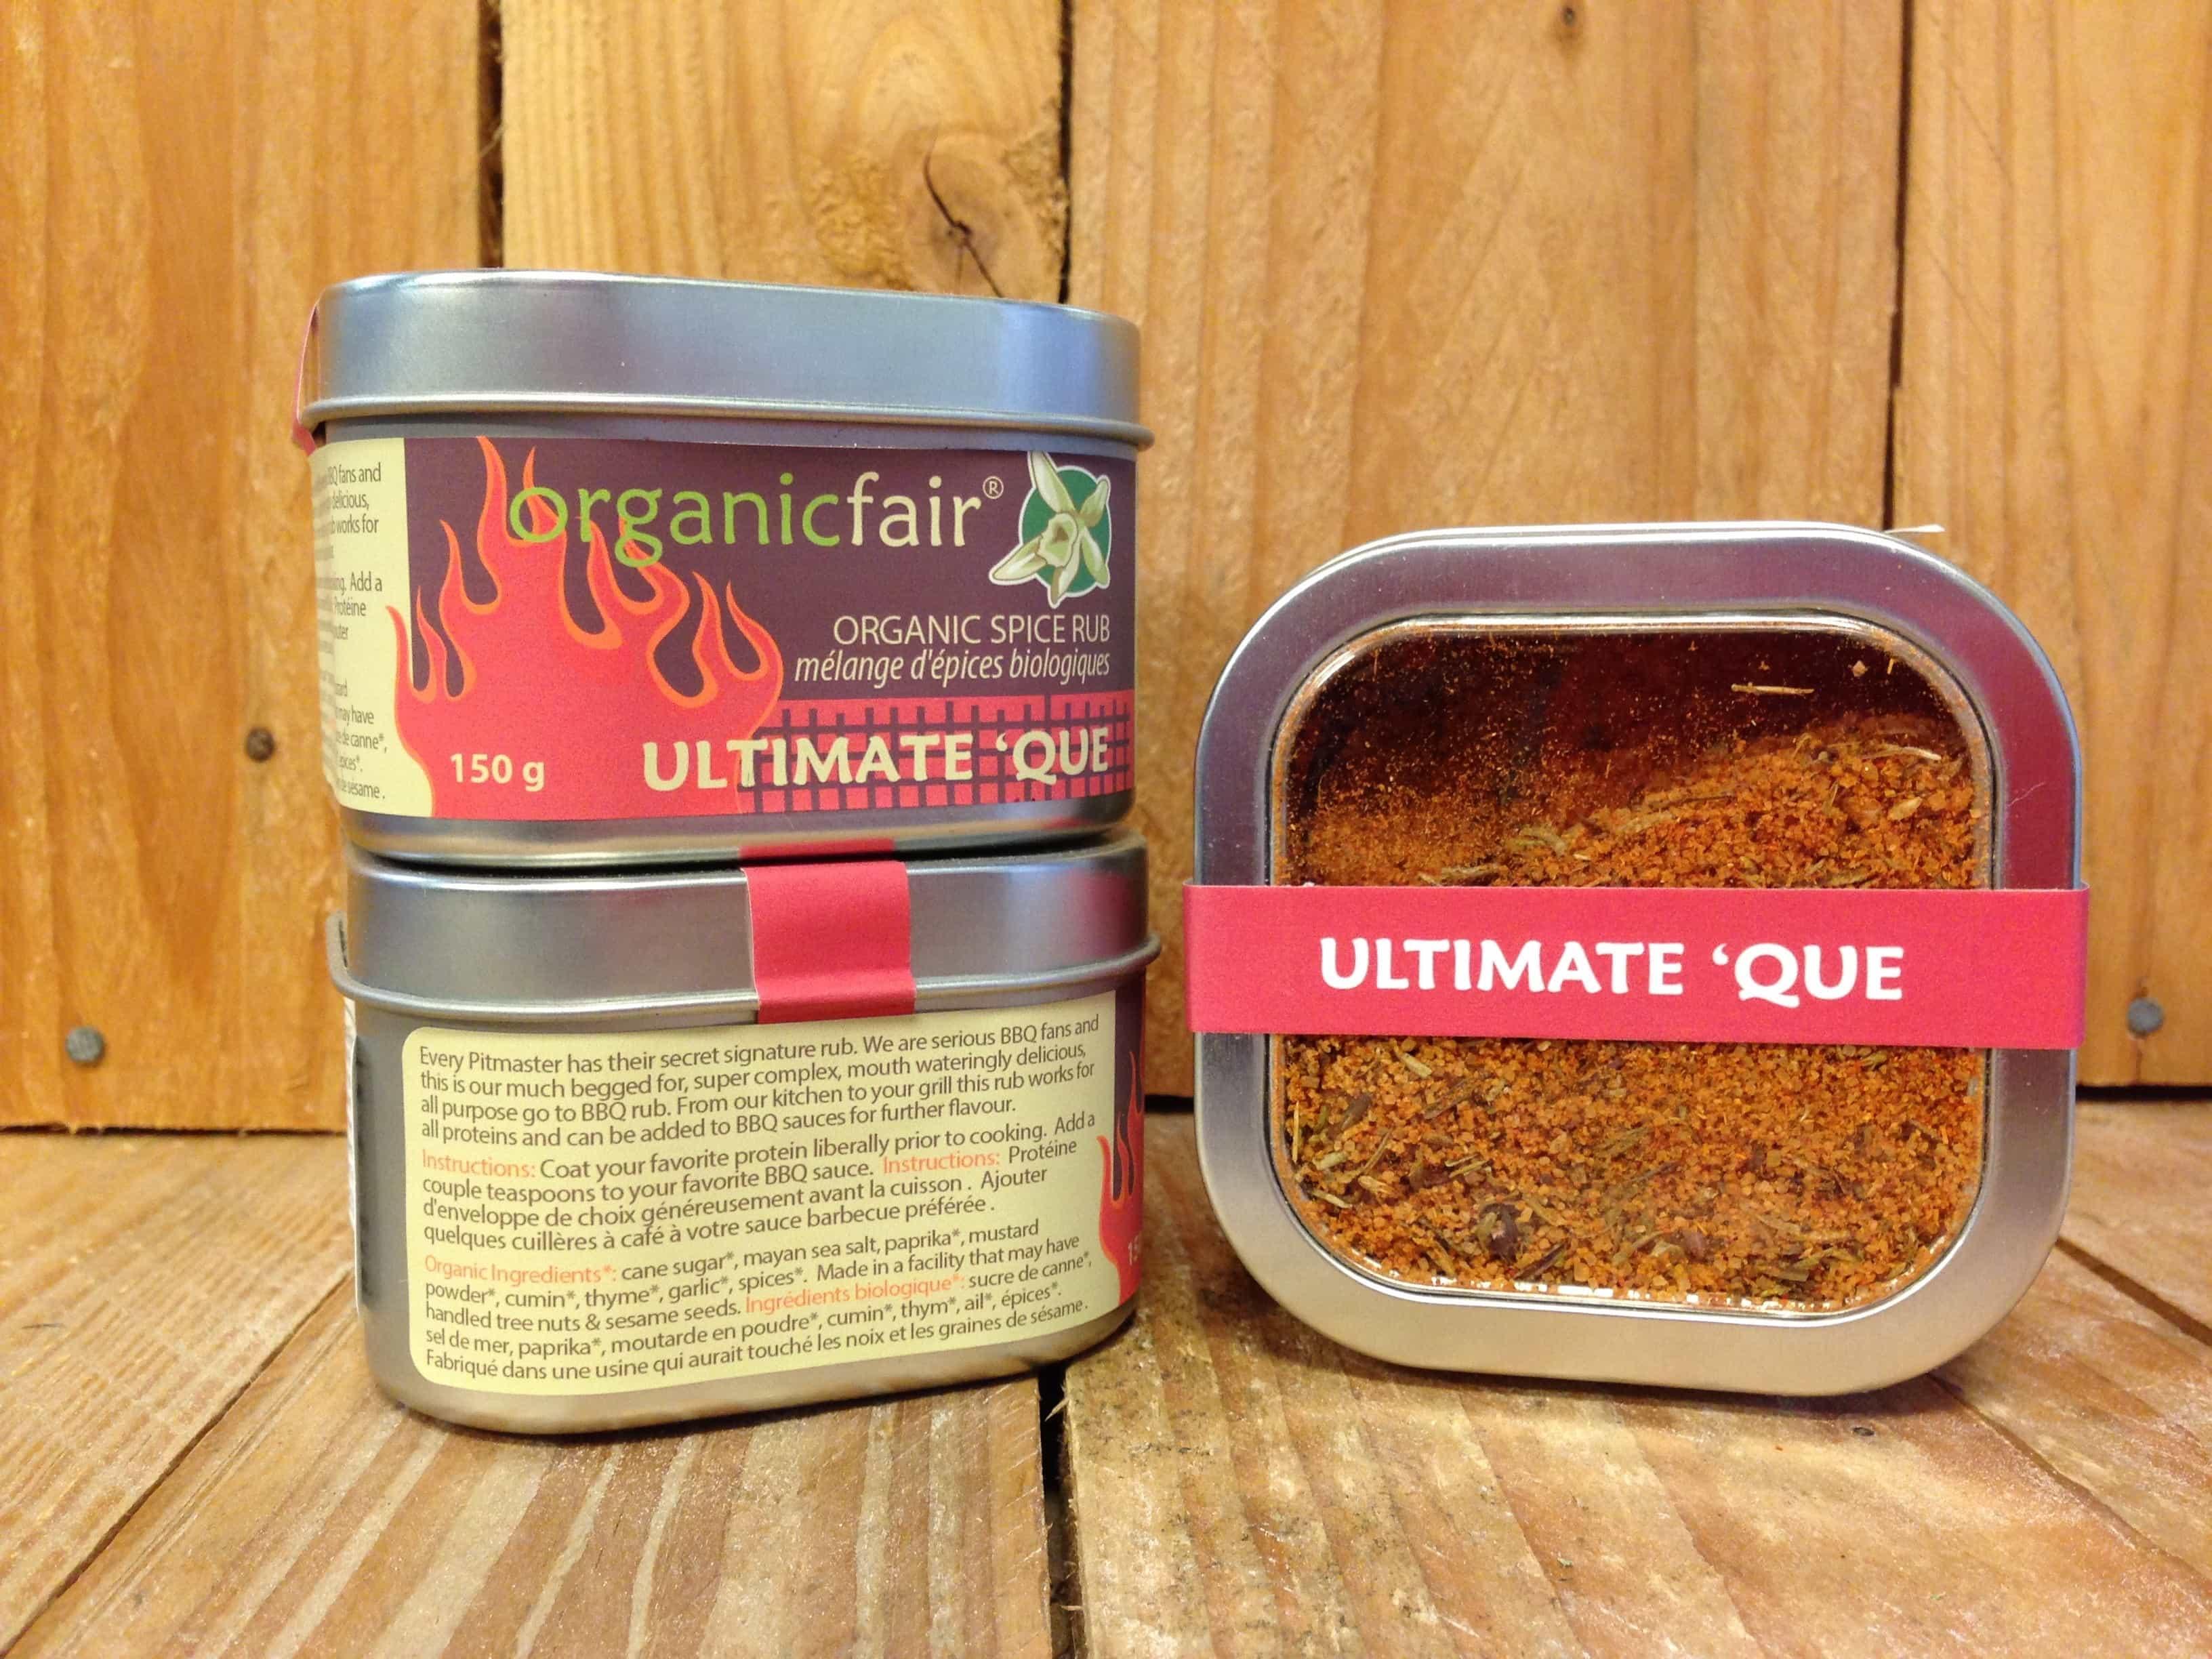 Organic Fair – Ultimate 'Que Spice Rub (150g)